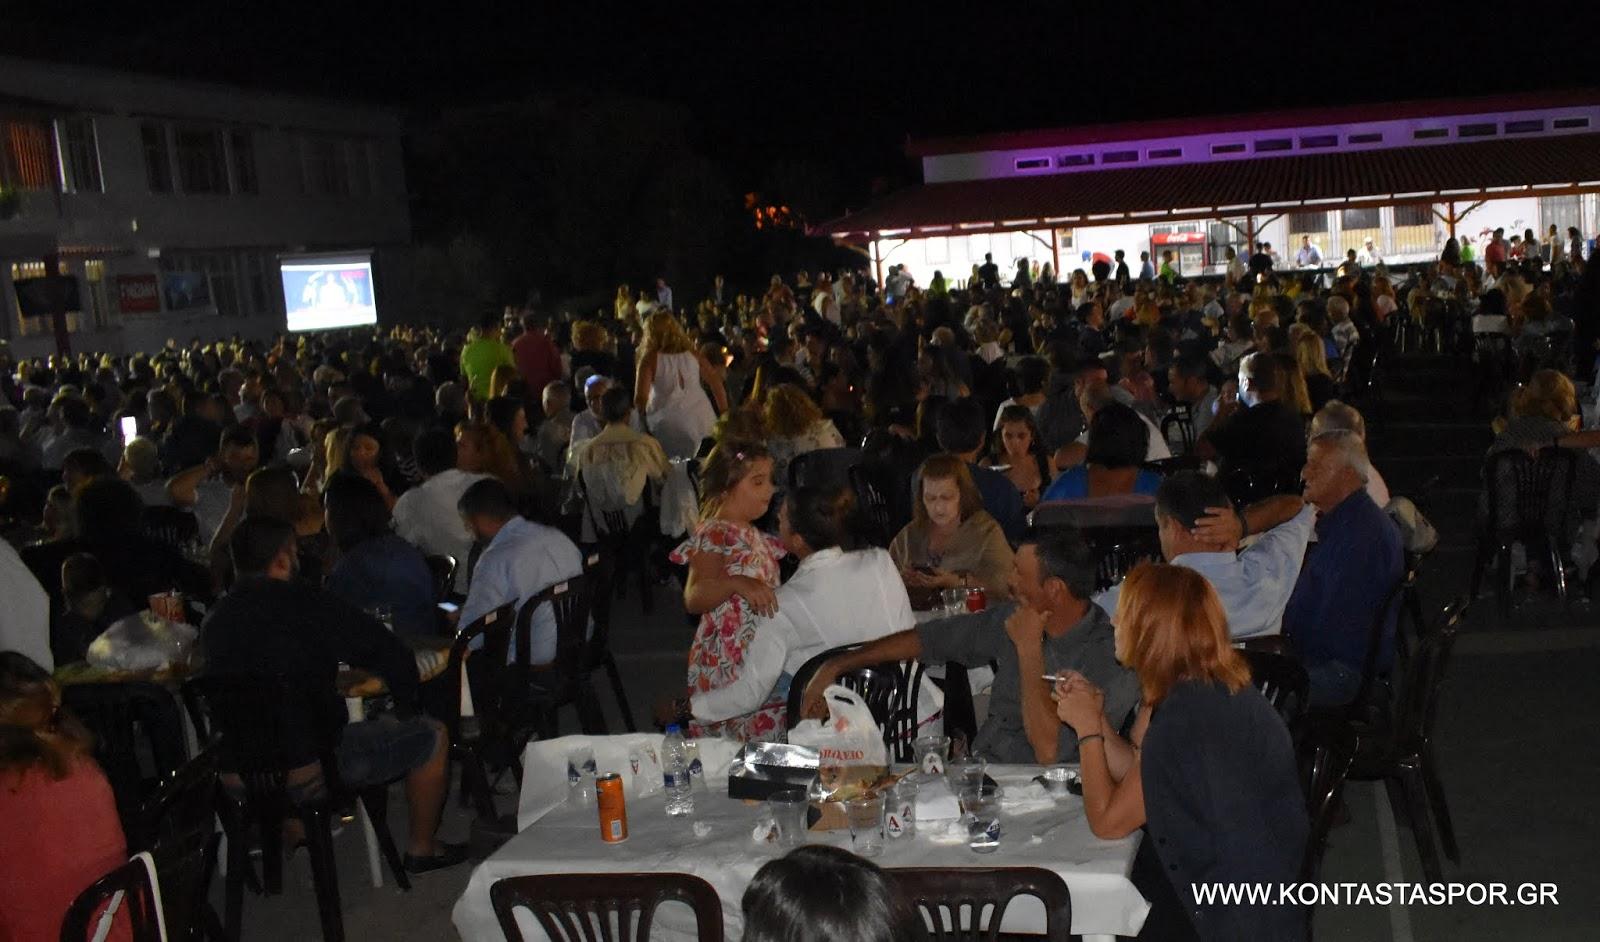 Με επιτυχία η λαική βραδιά  Αδαμαντίδη στα Ψαχνά (φωτογραφίες) 1 DSC 0110